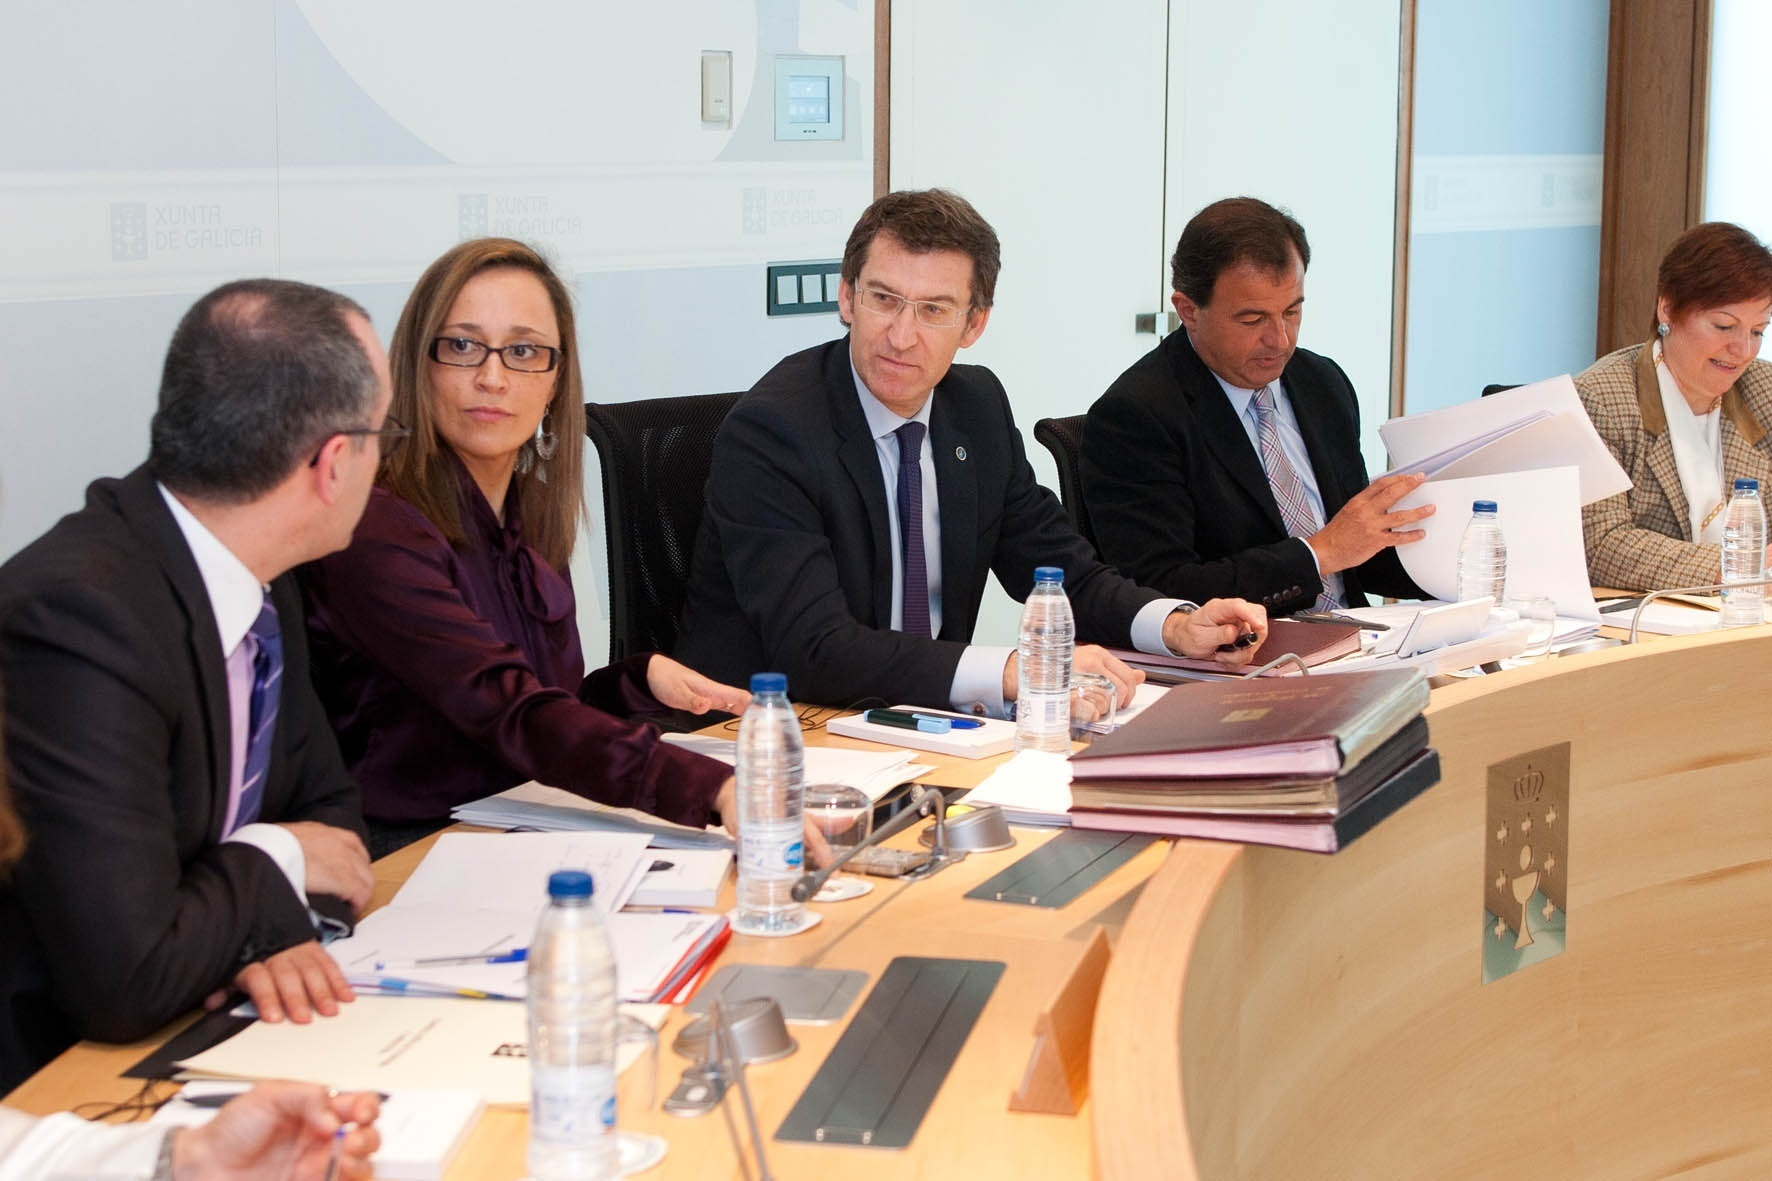 La Xunta propone un laudo arbitral para que entidades y usuarios pacten la devolución de las preferentes